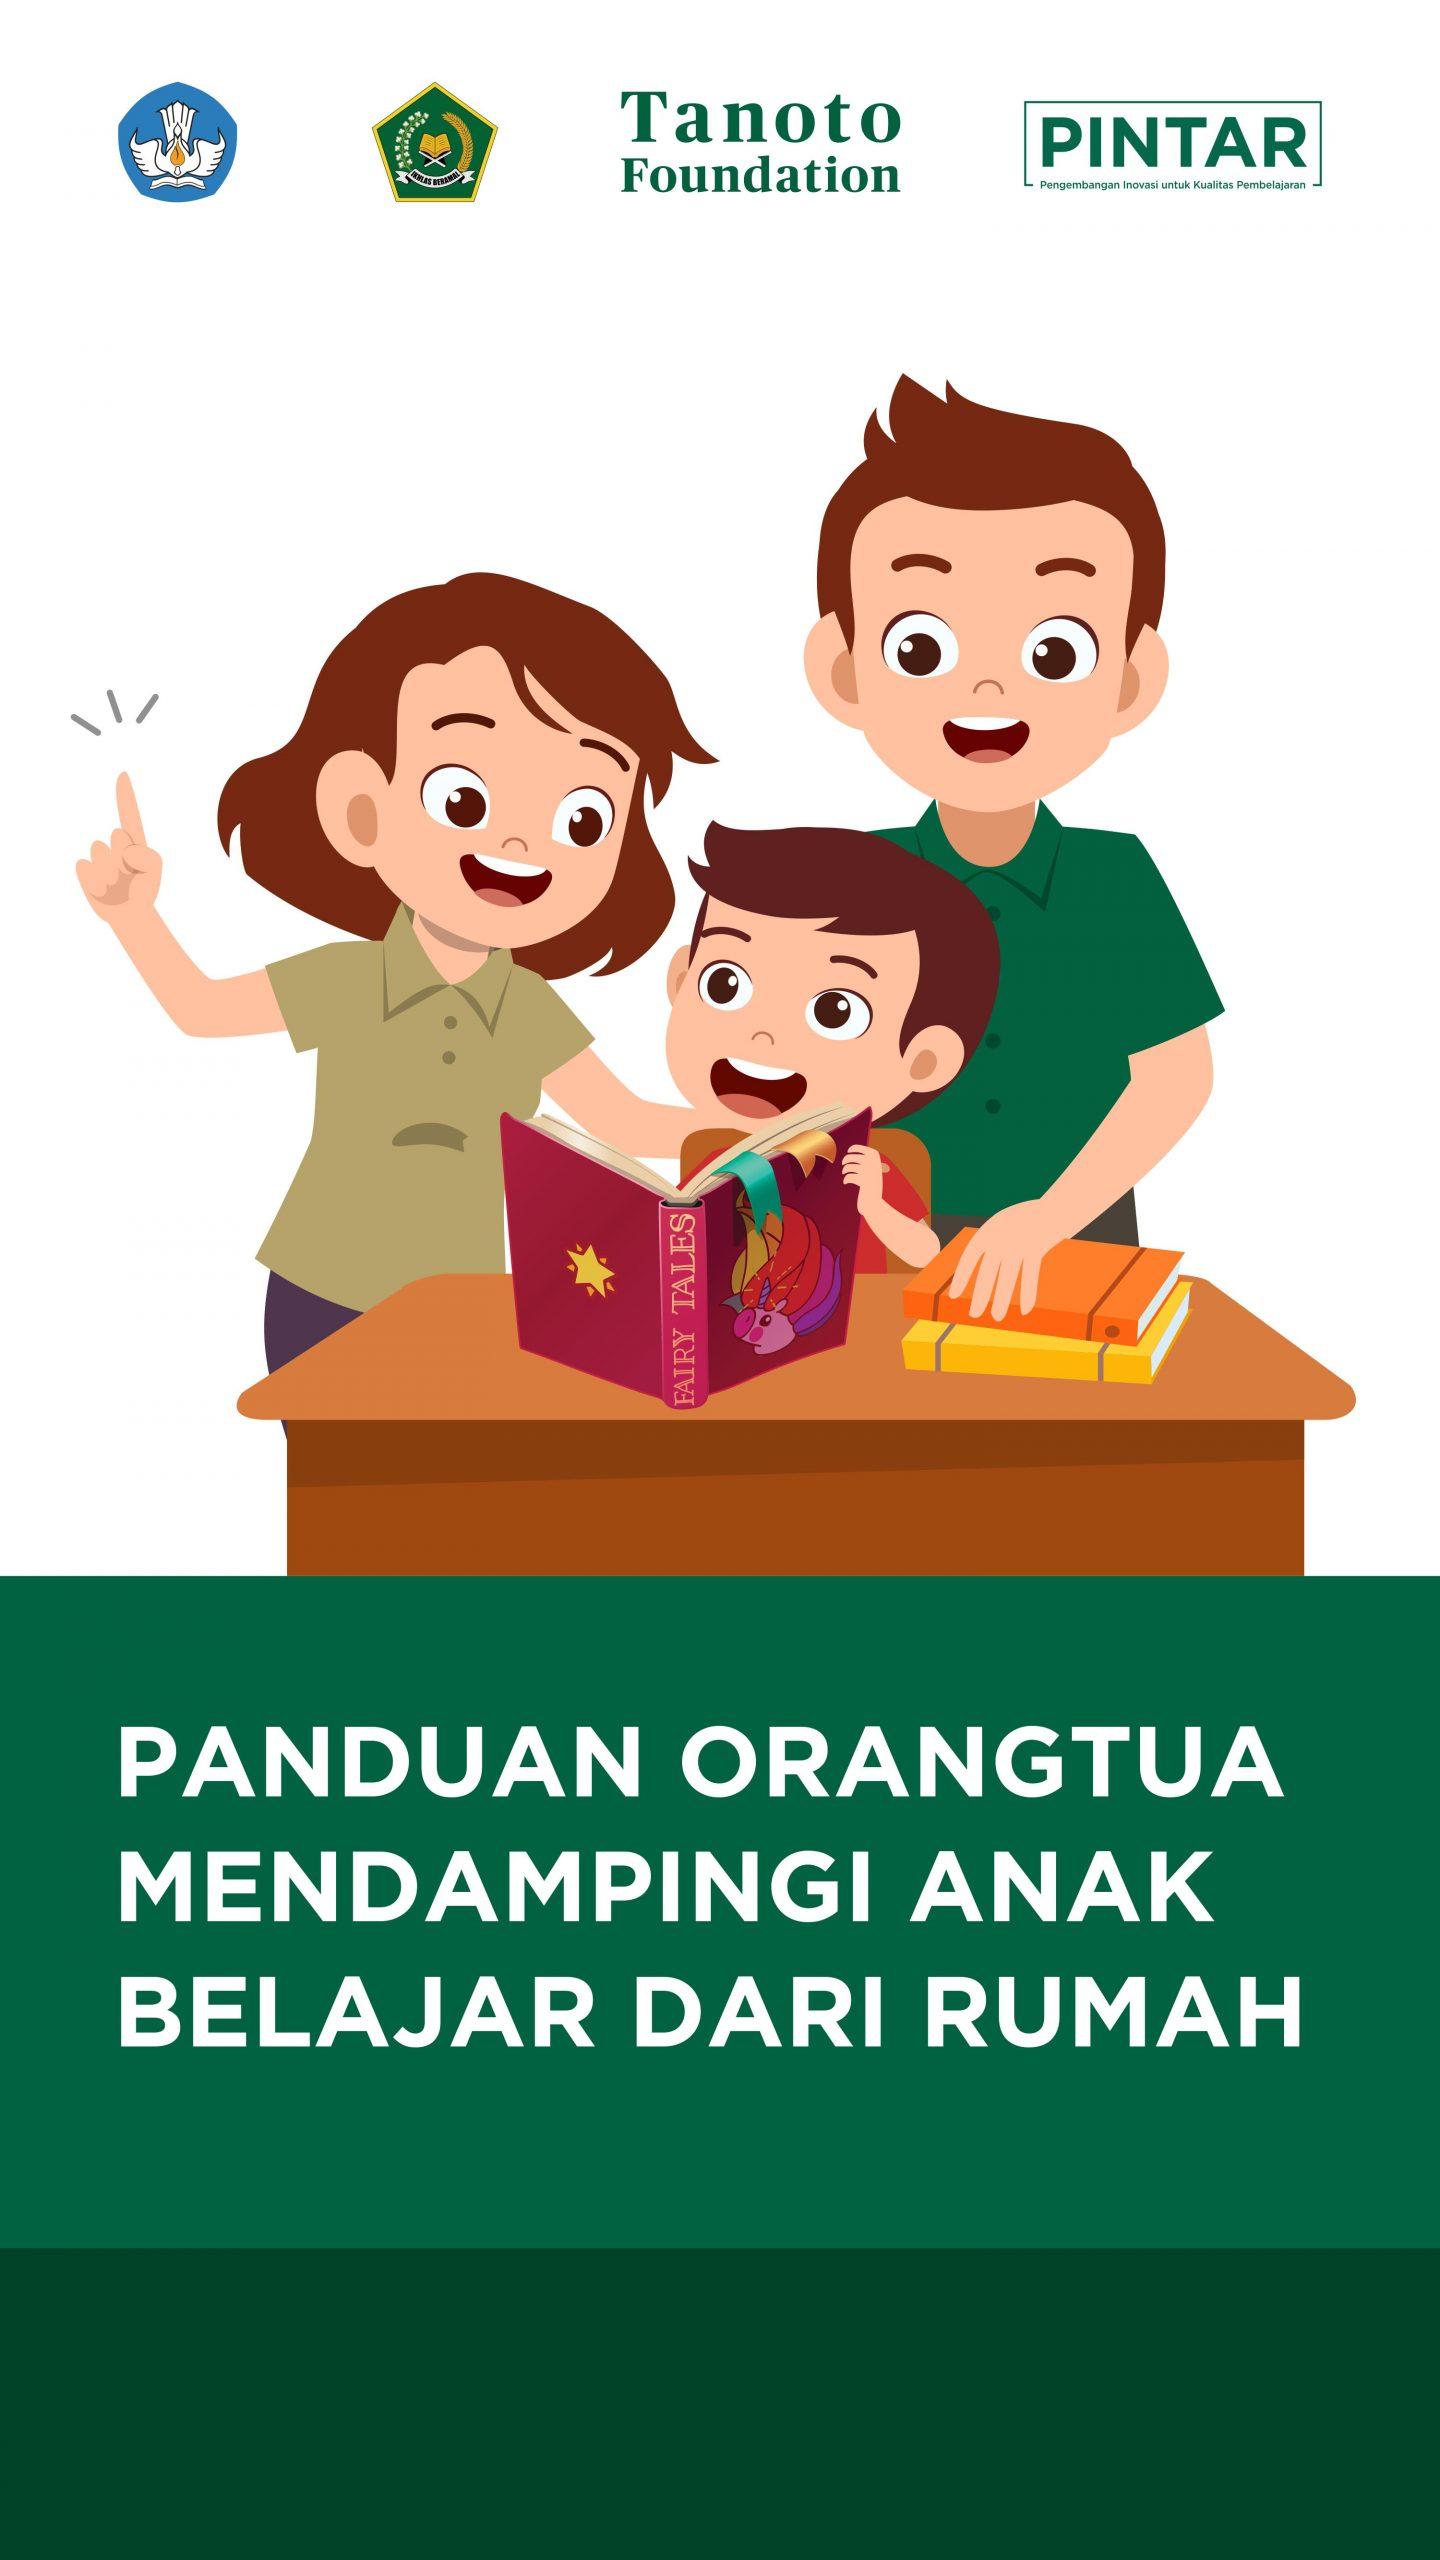 Panduan Orang Tua Mendampingi Anak Belajar dari Rumah dengan MIKIR